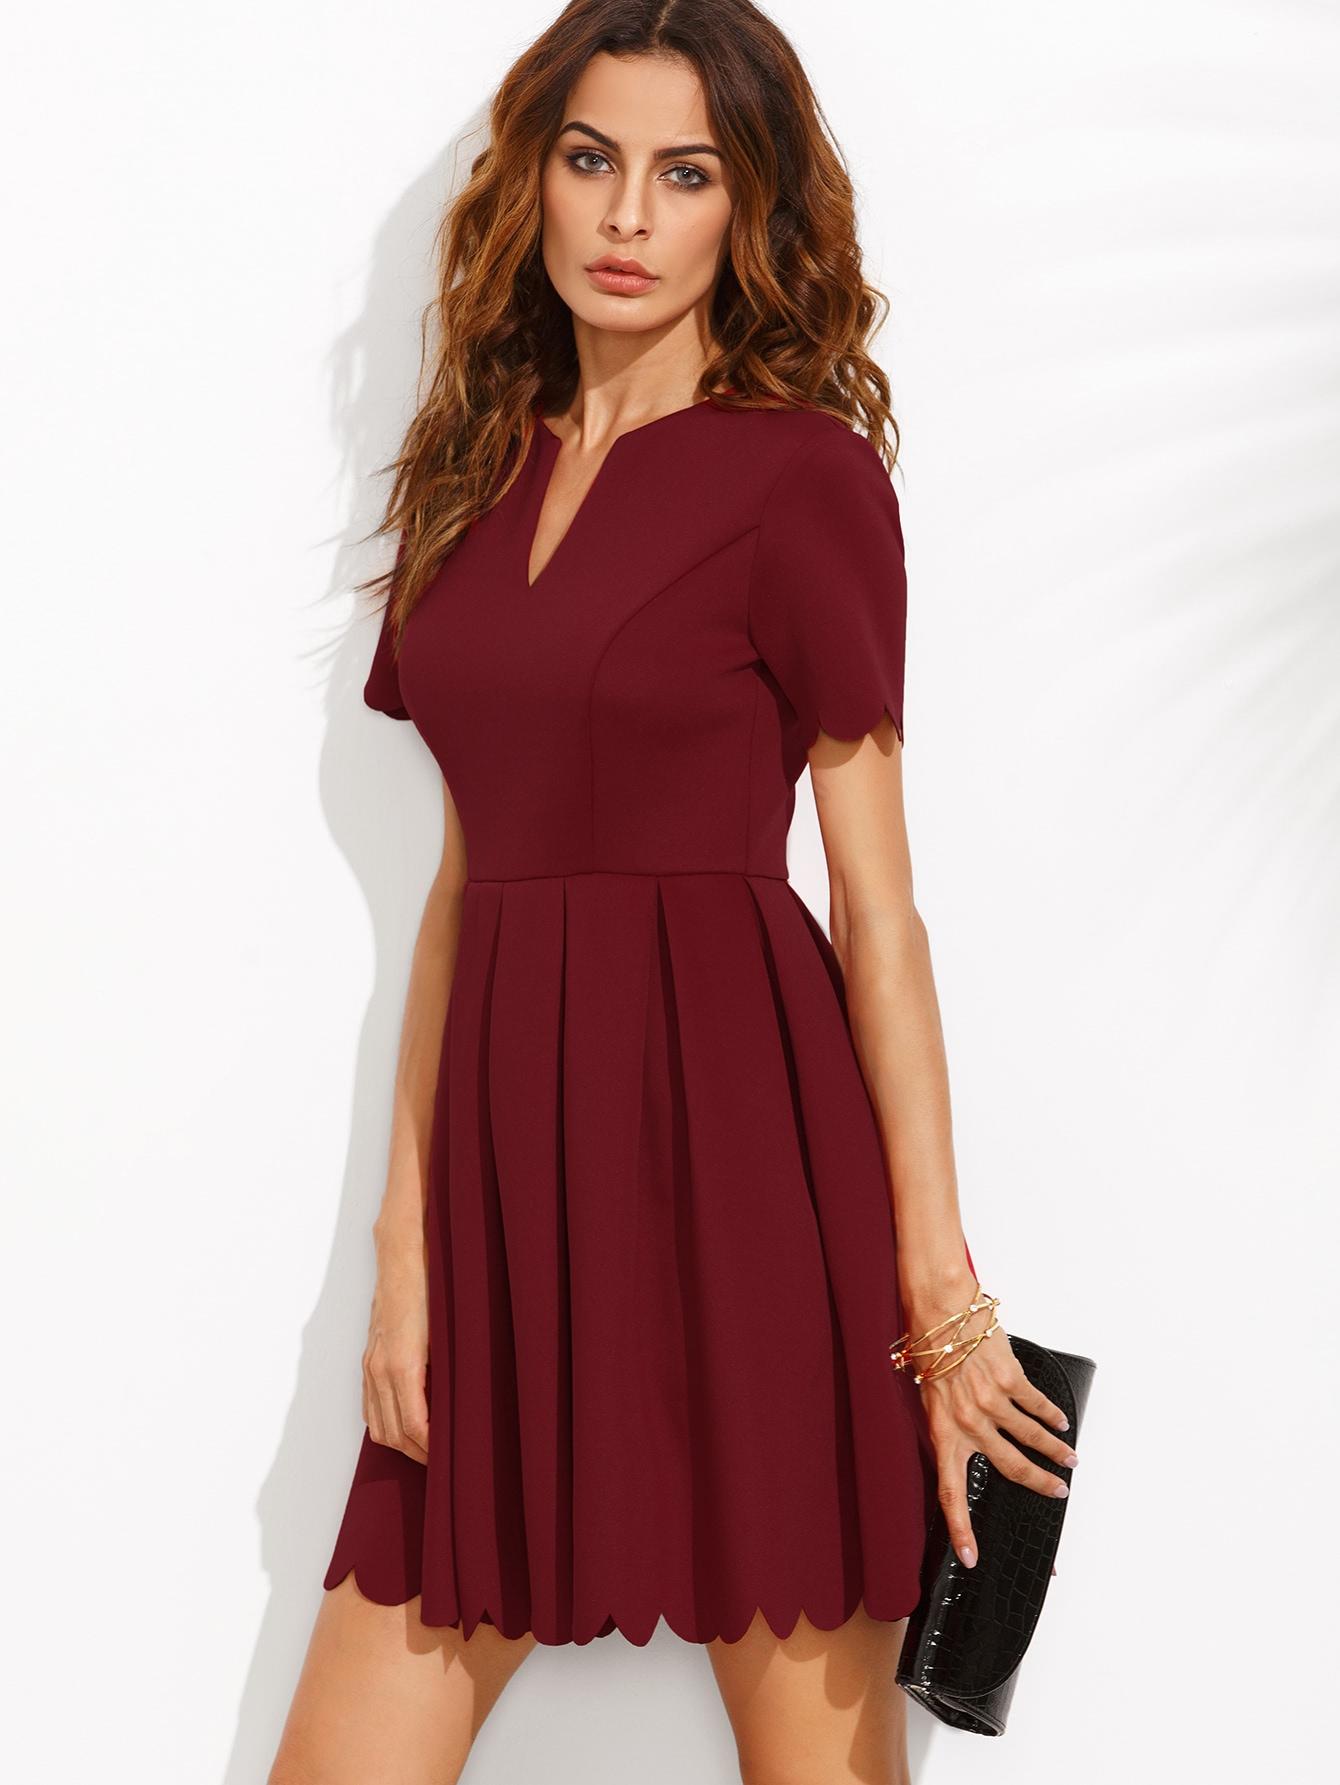 dress160809702_2